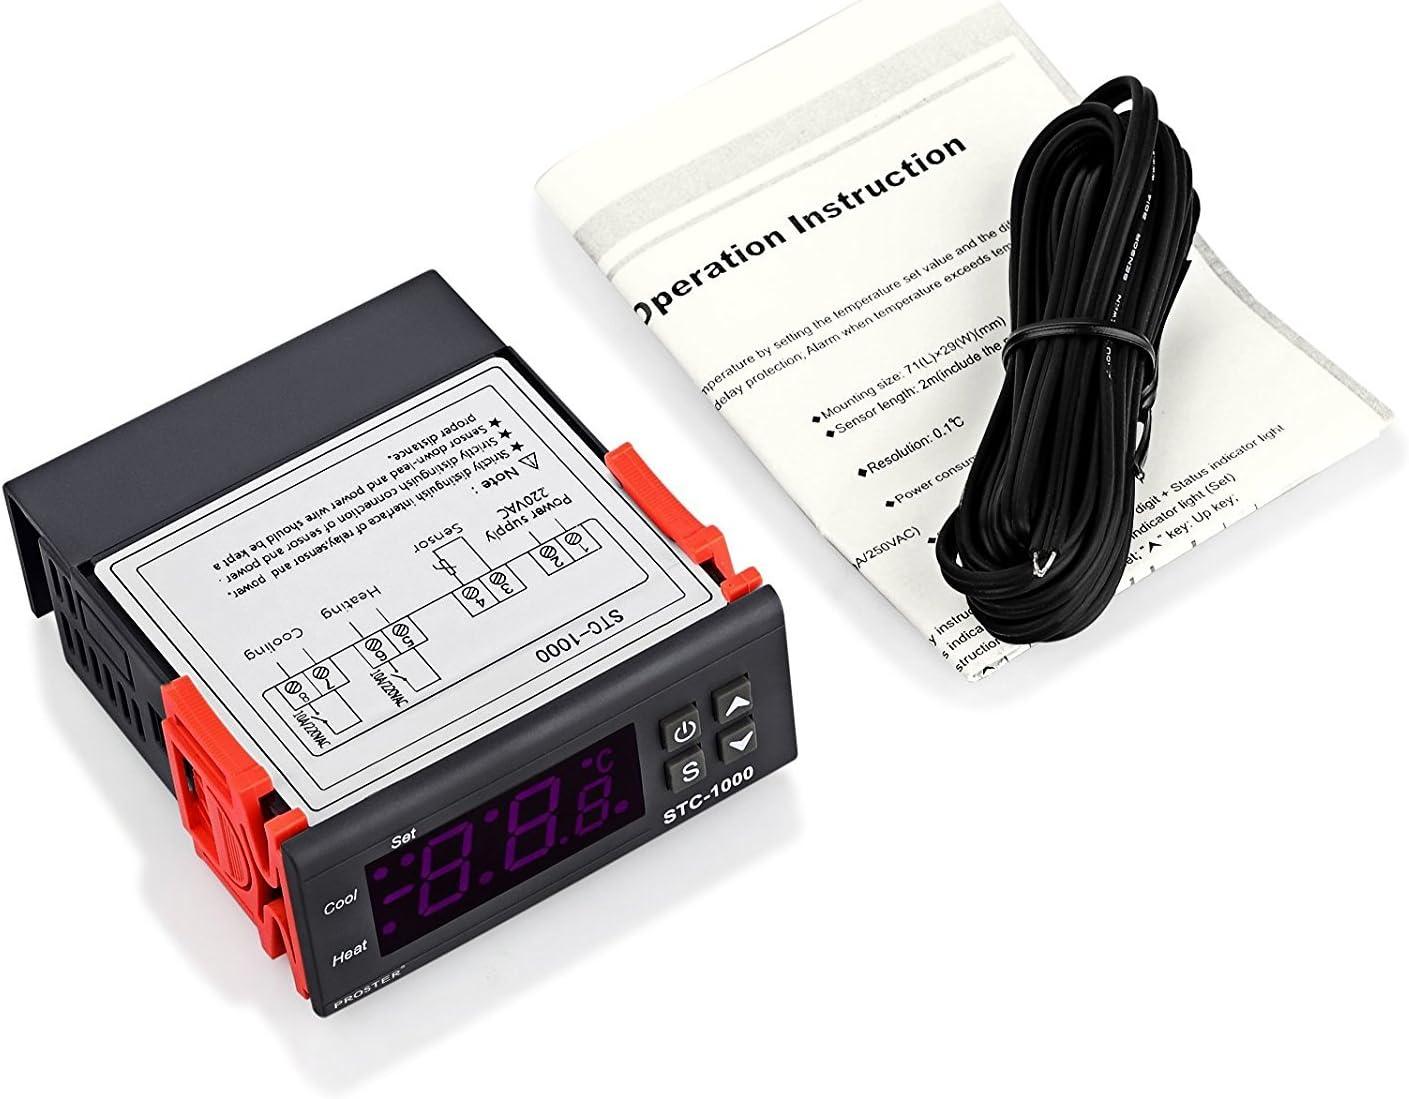 Termostato STC-1000, Proster 220V Digital Display LCD Sensor ...